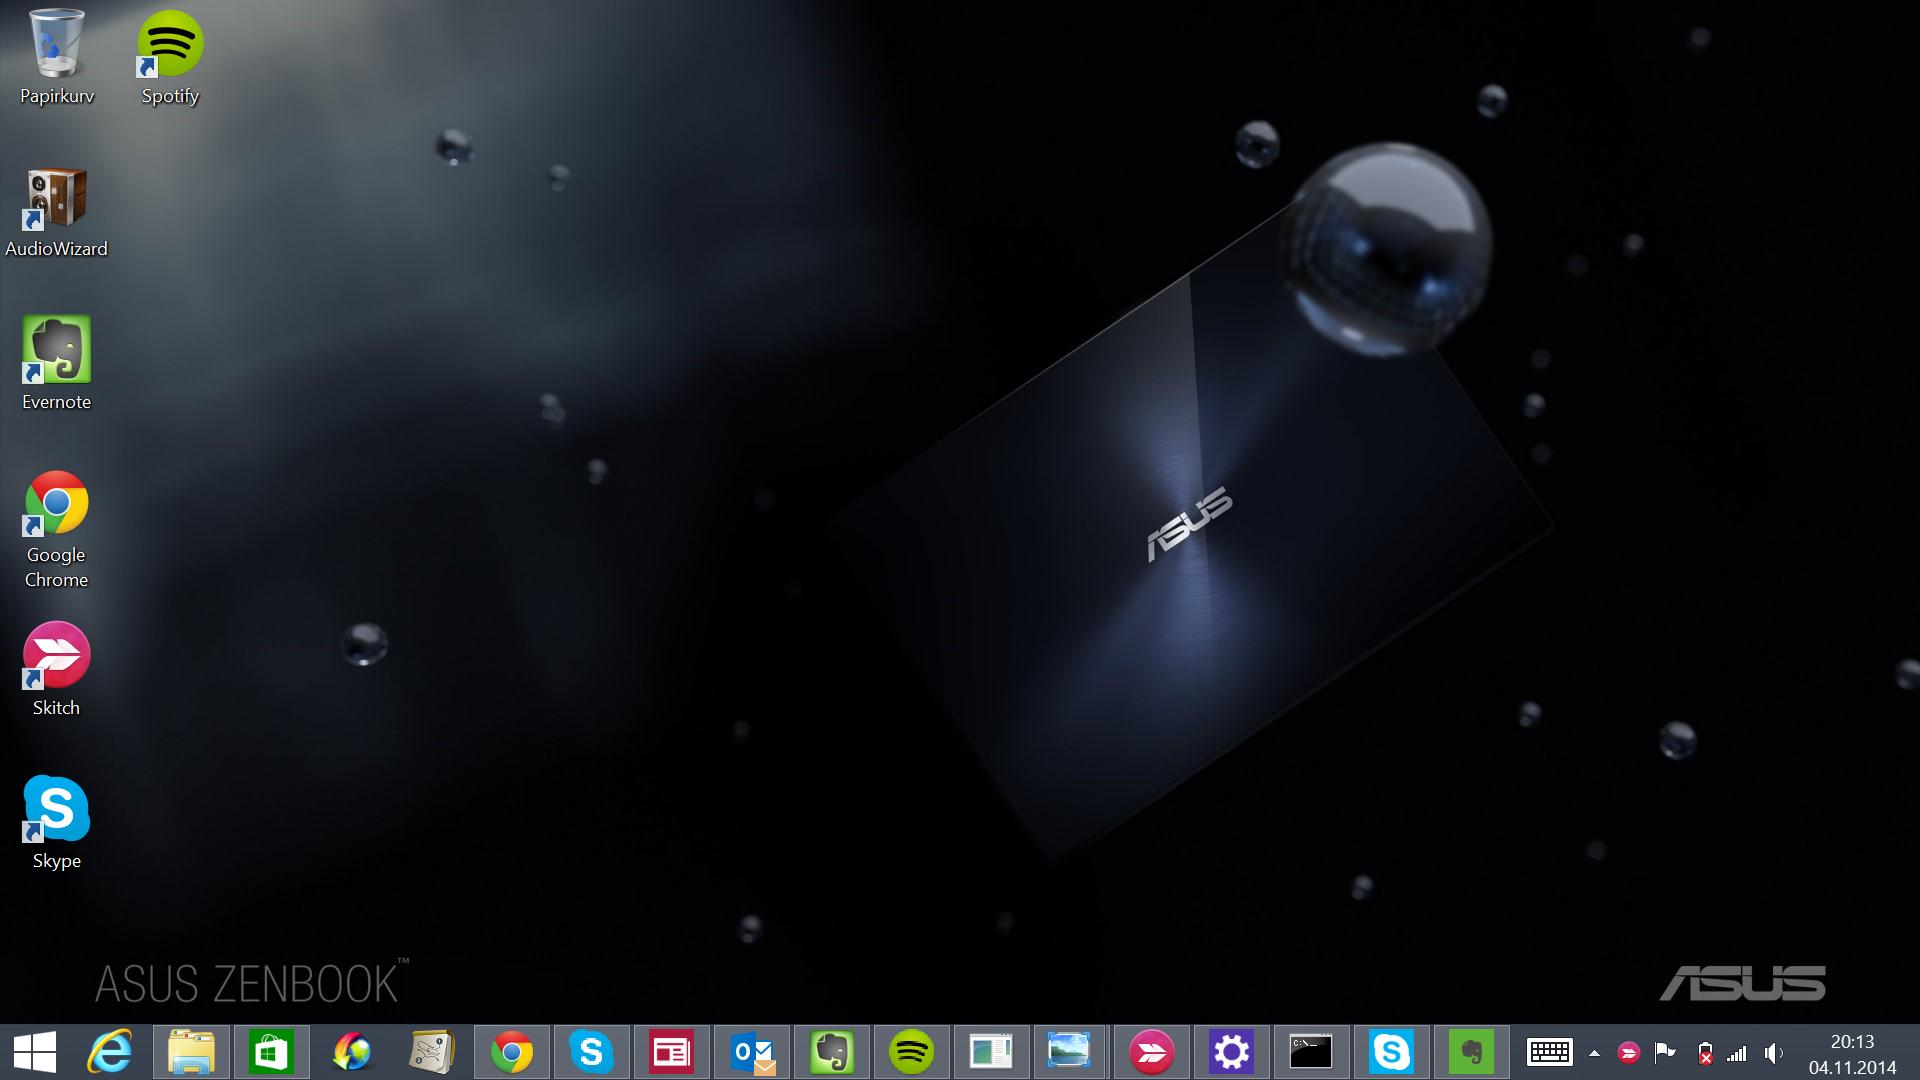 GAMMELT OG GODT: Det ser kanskje ikke like flott ut, men skrivebordet til Windows 8.1 er nok der jeg hører hjemme til Microsoft får Modern UI på stell.